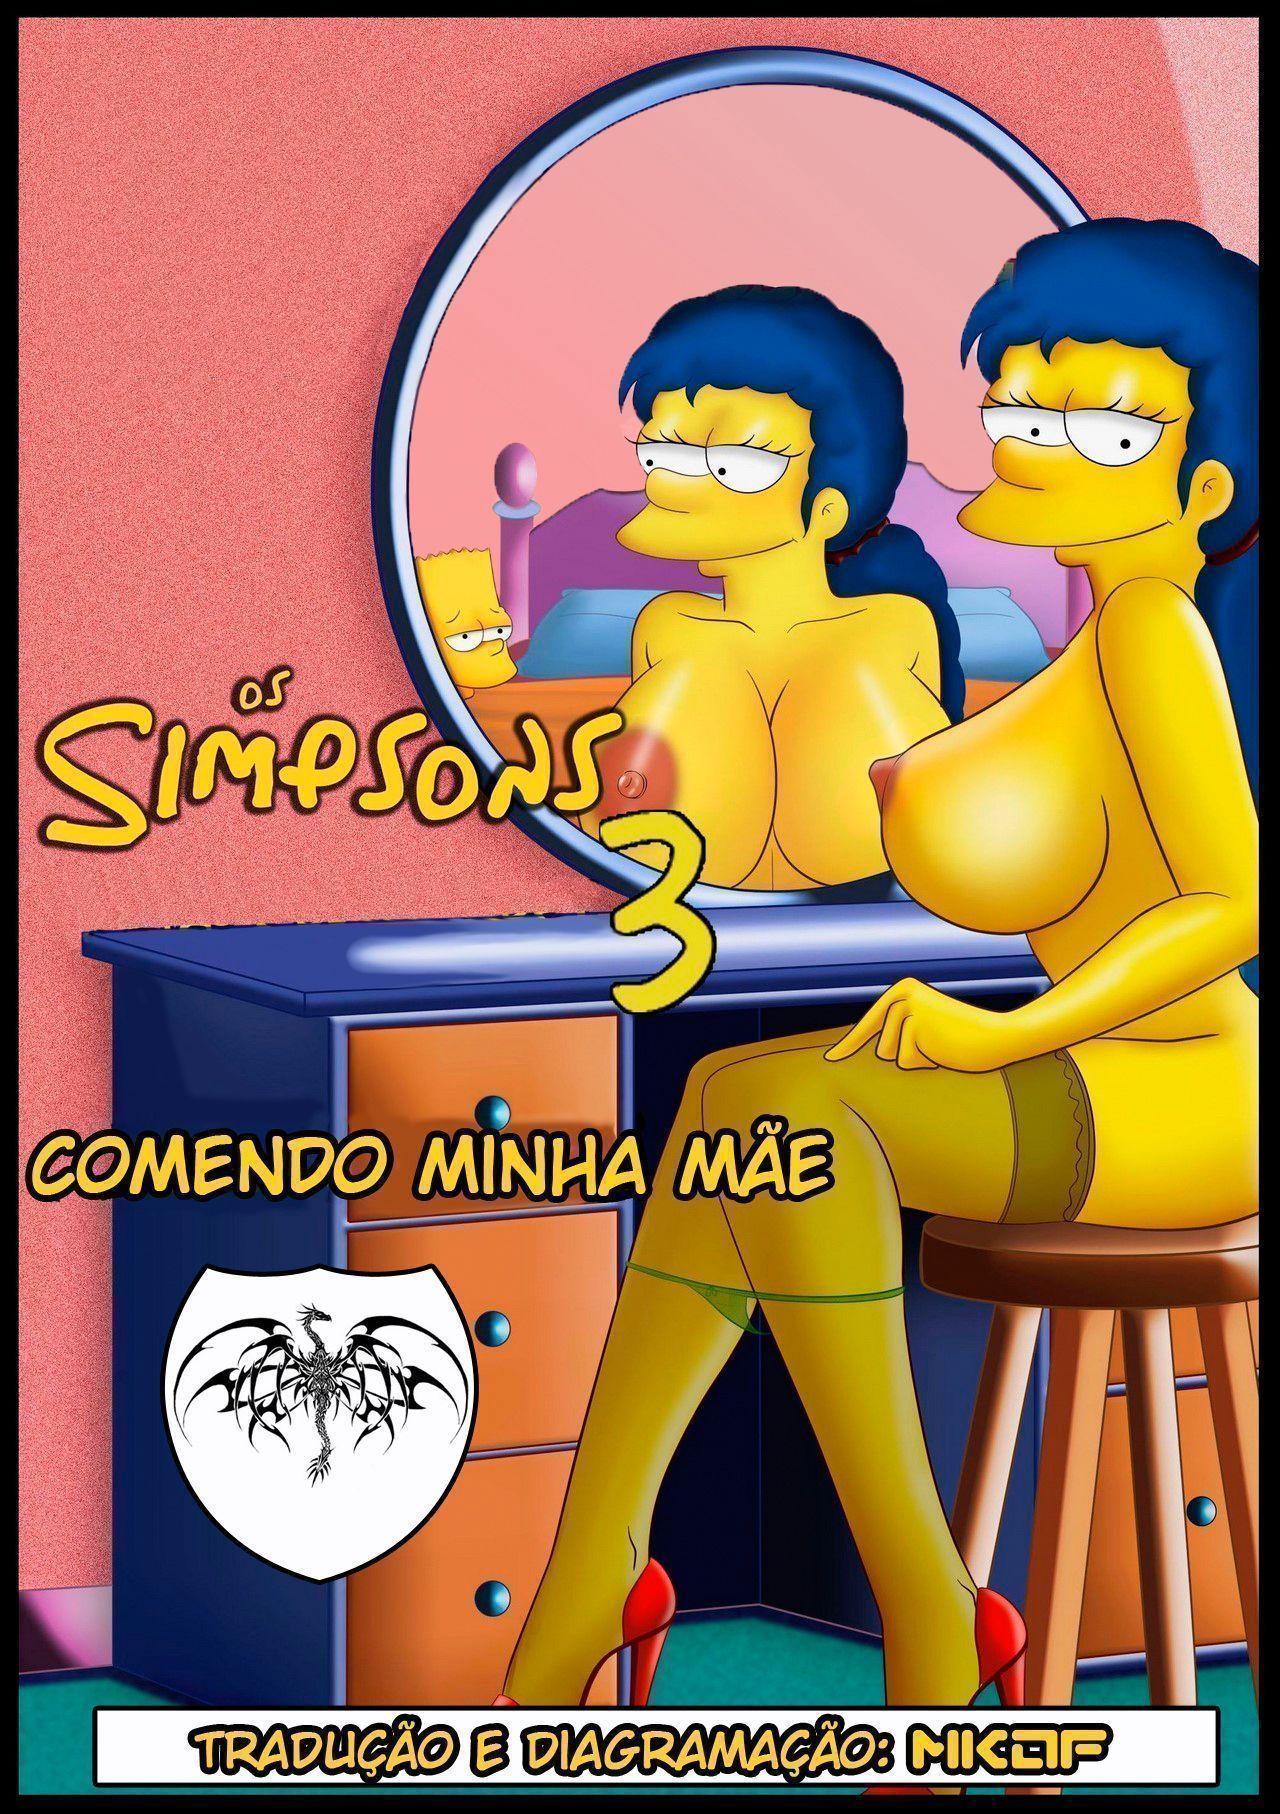 Порно симпсоны хентай онлайн